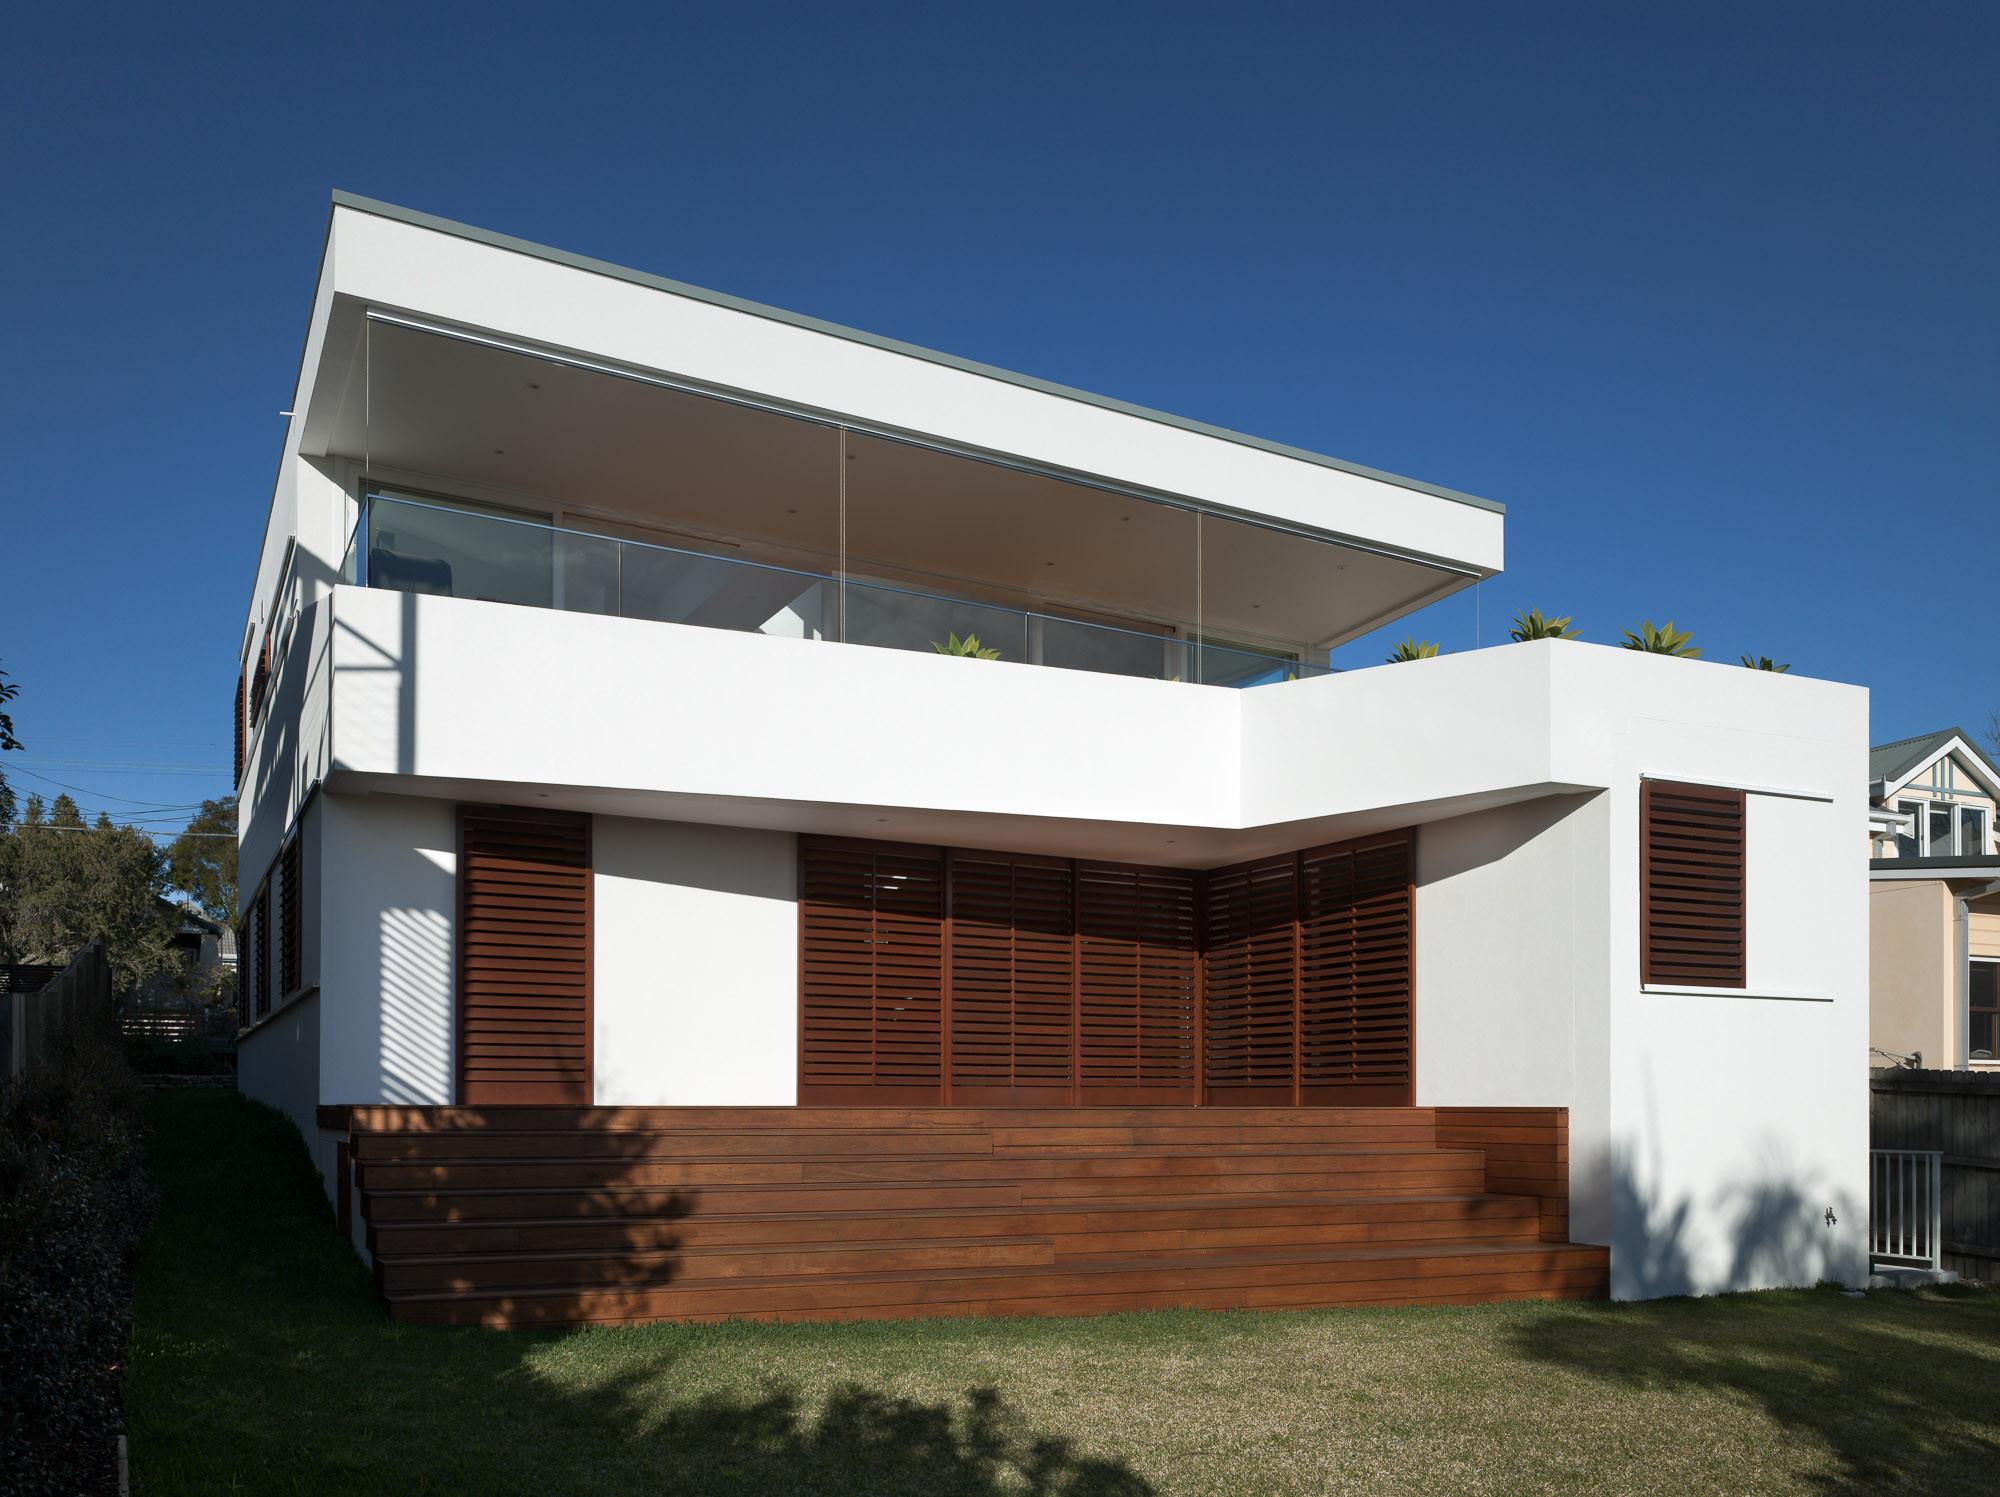 Ver fachadas de casas fachadas de casas estilos de - Fachadas de casas pintadas ...